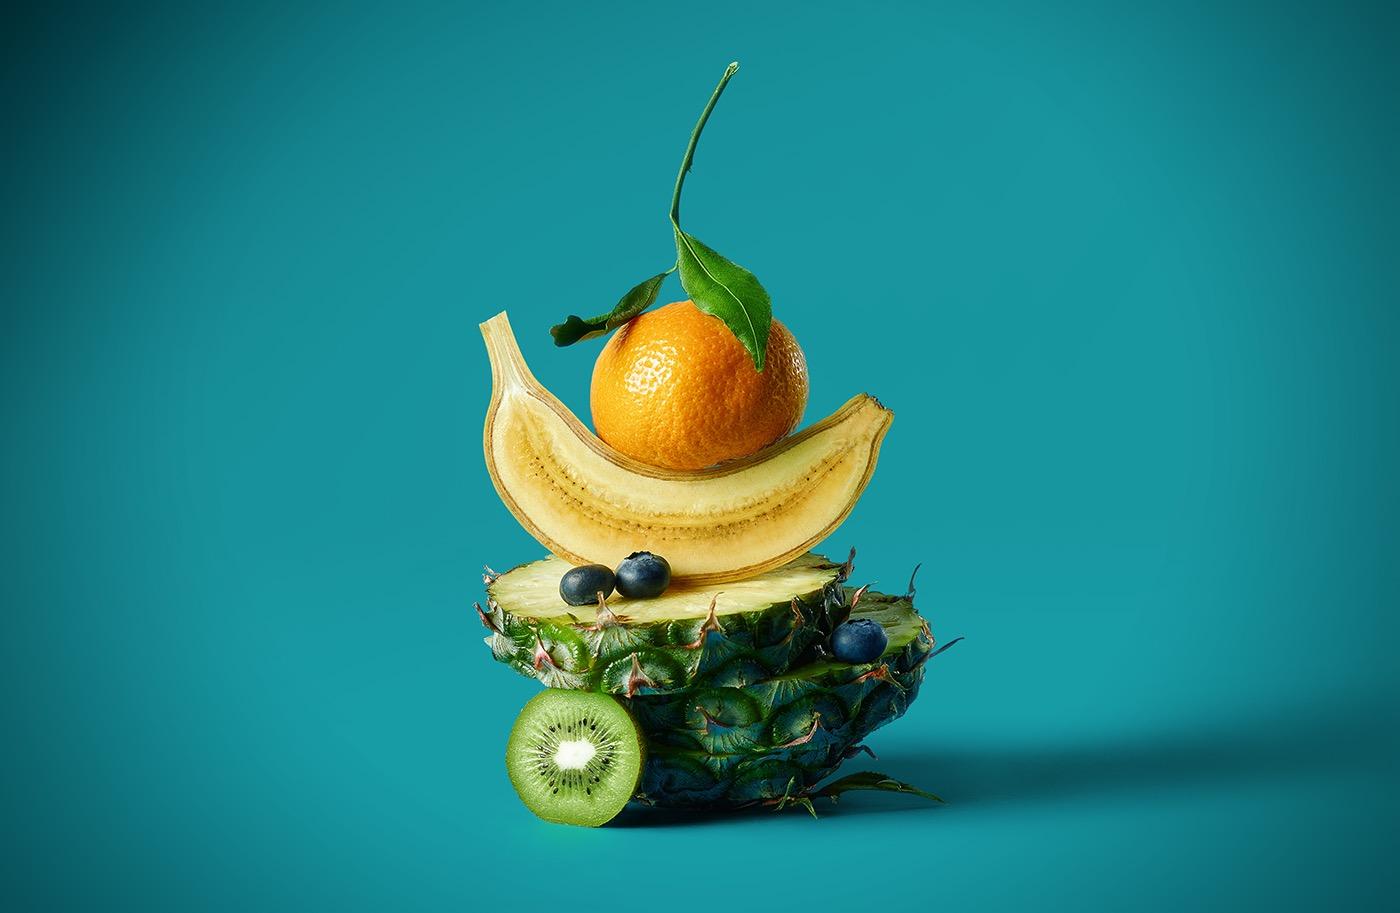 16个精细的创意食物摄影作品